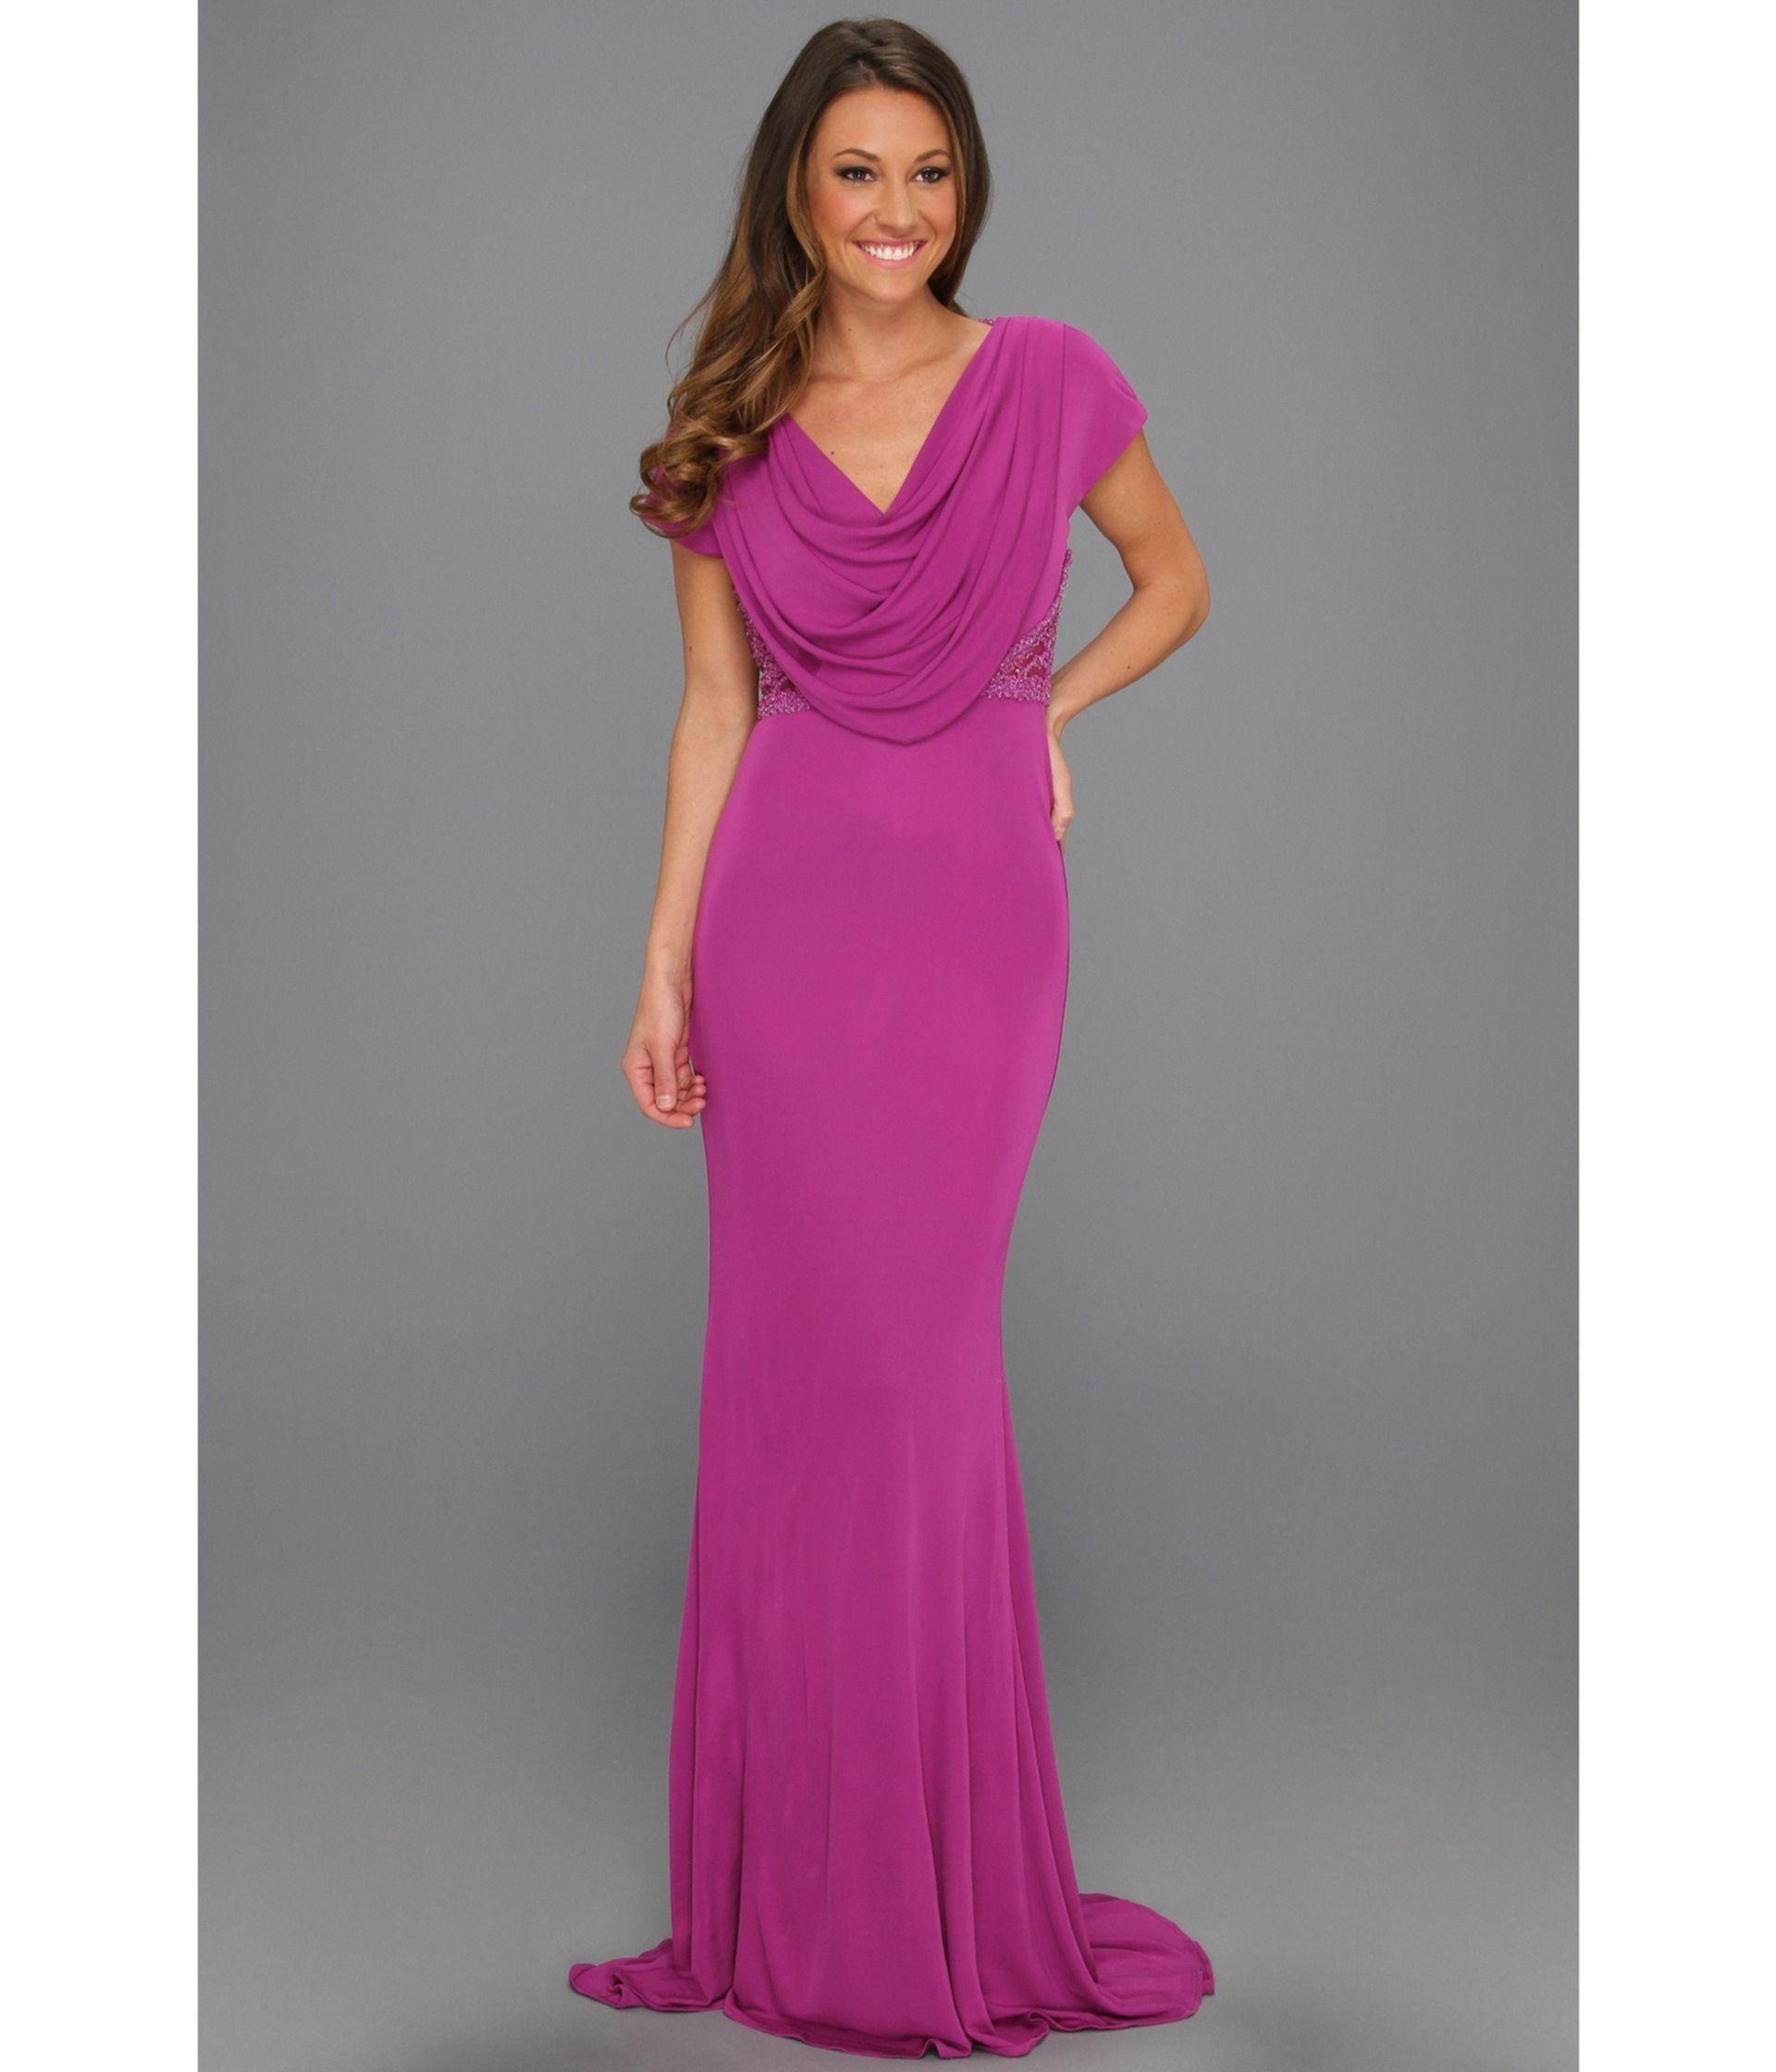 Rochie eleganta hot pink | Rochii Elegante | Pinterest